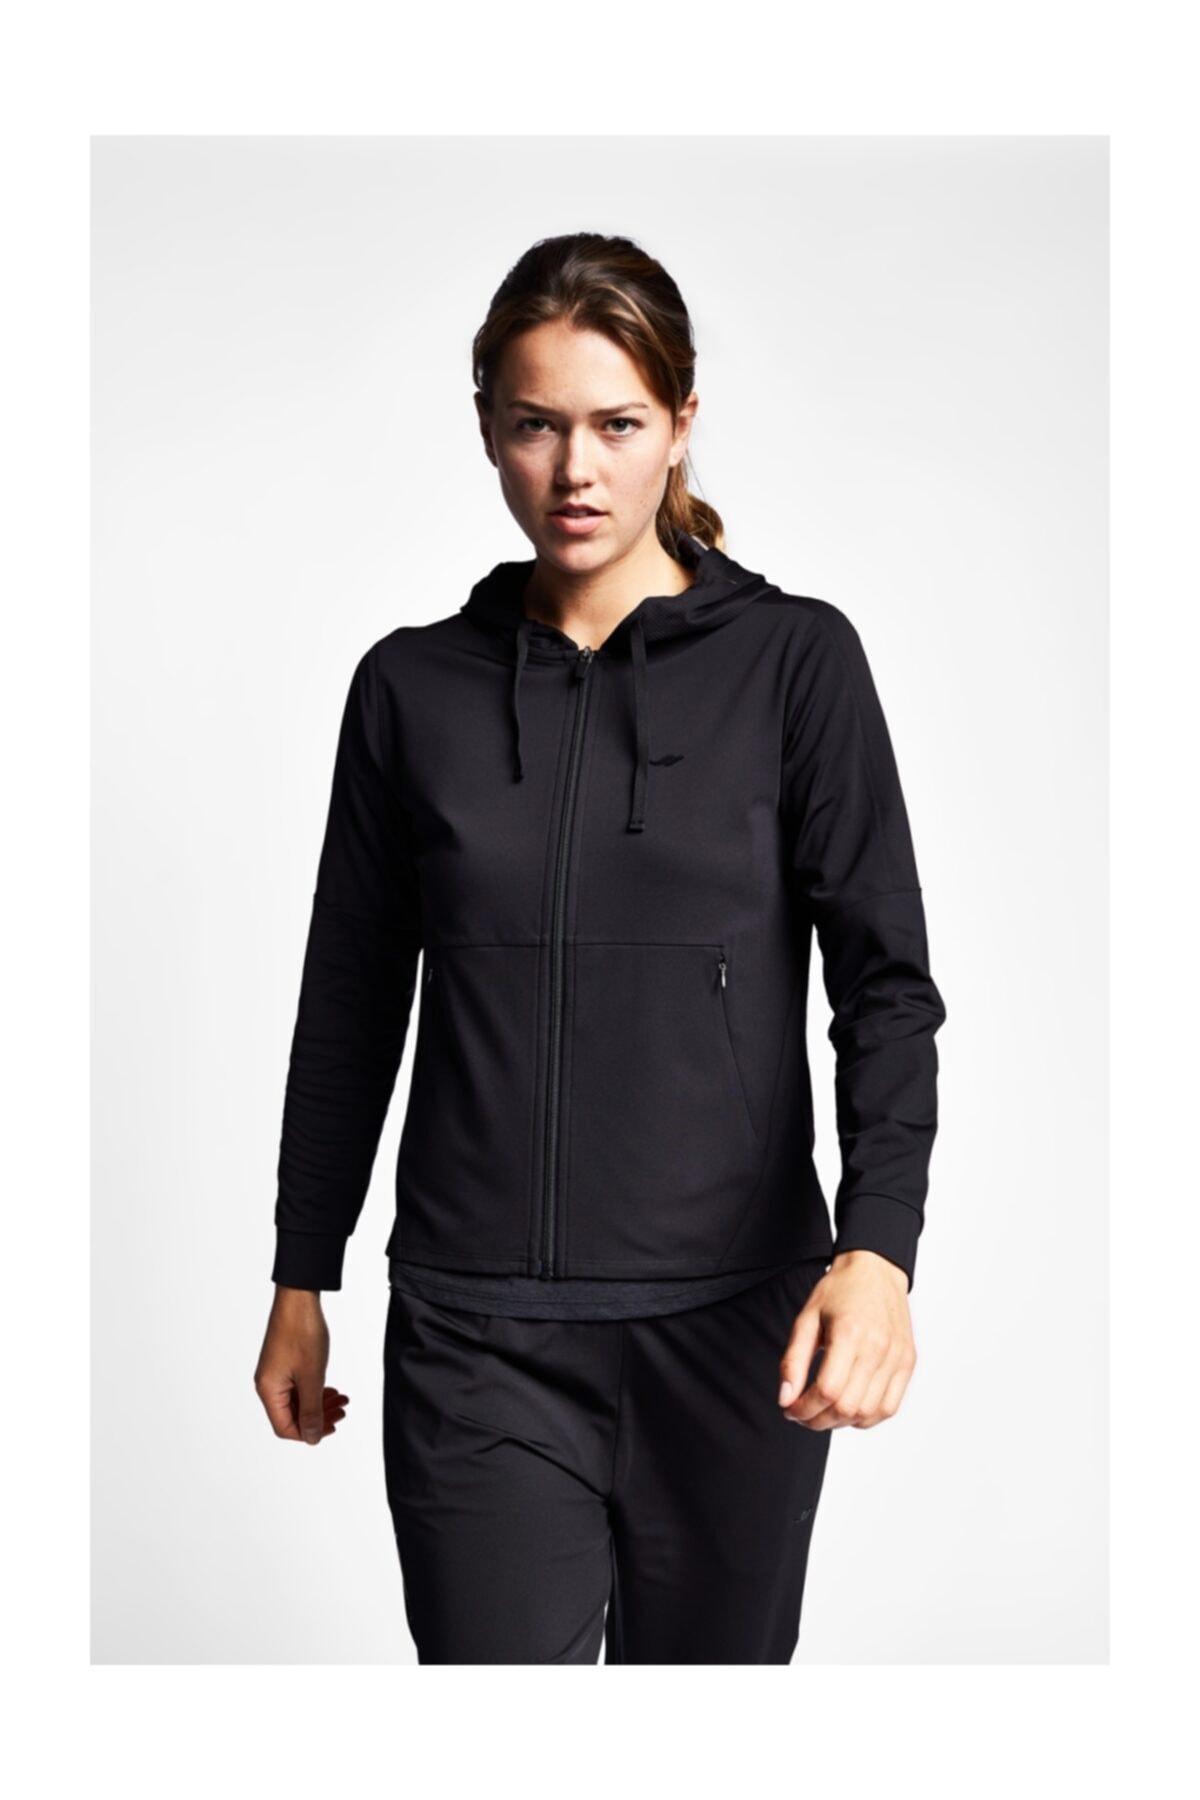 Lescon Kadın Sweatshirt - 19N-2001 Fermuarlı - 19ntbp002001-633 1